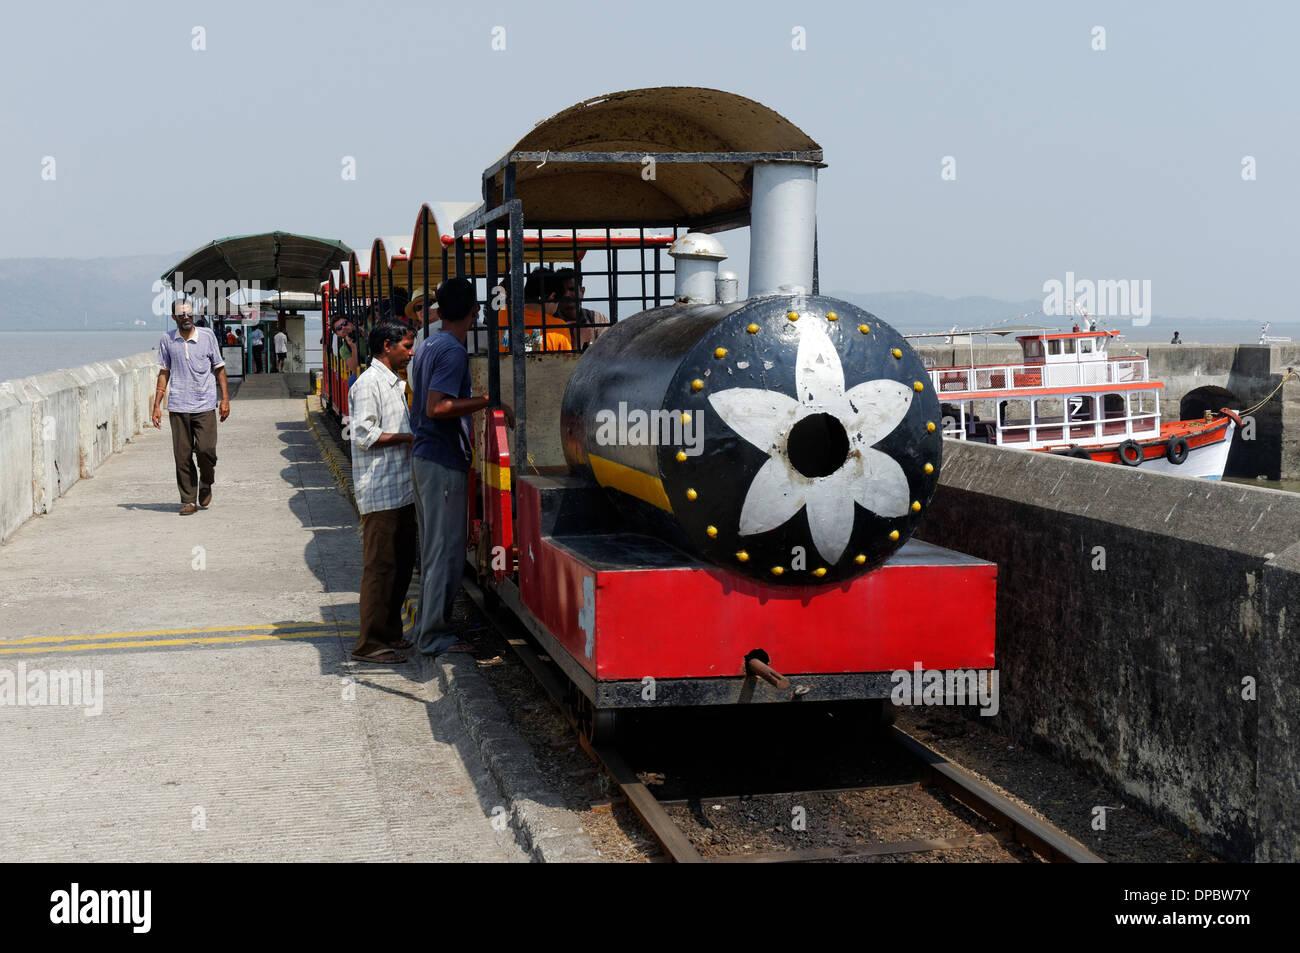 The small train on Elephanta Island near Mumbai (Bombay), India - Stock Image